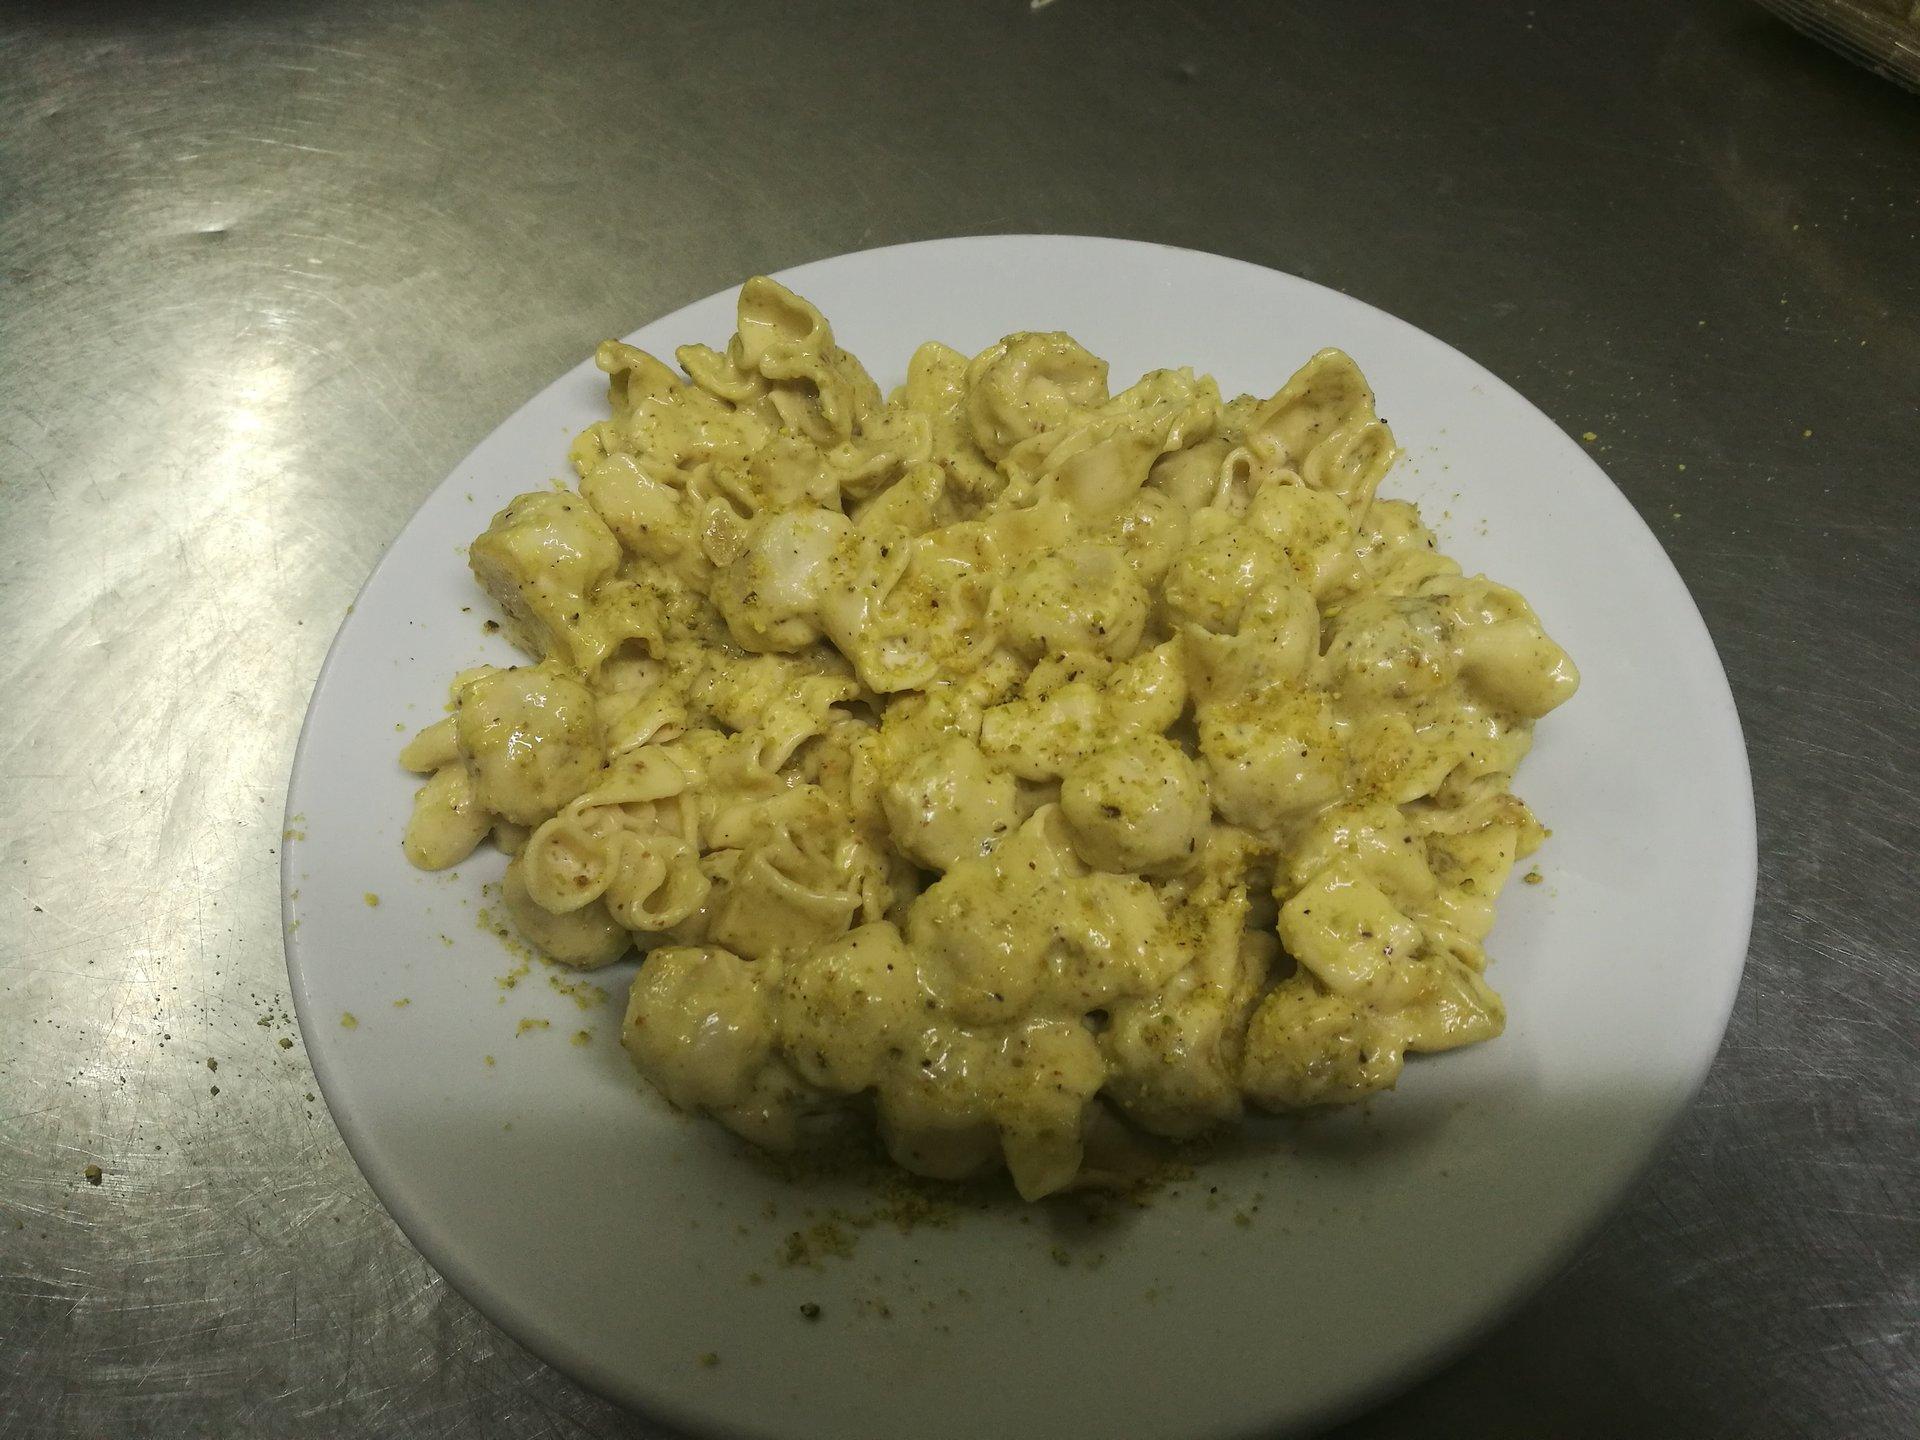 saccottini ripieni di prosciutto crudo con salsa al pistacchio